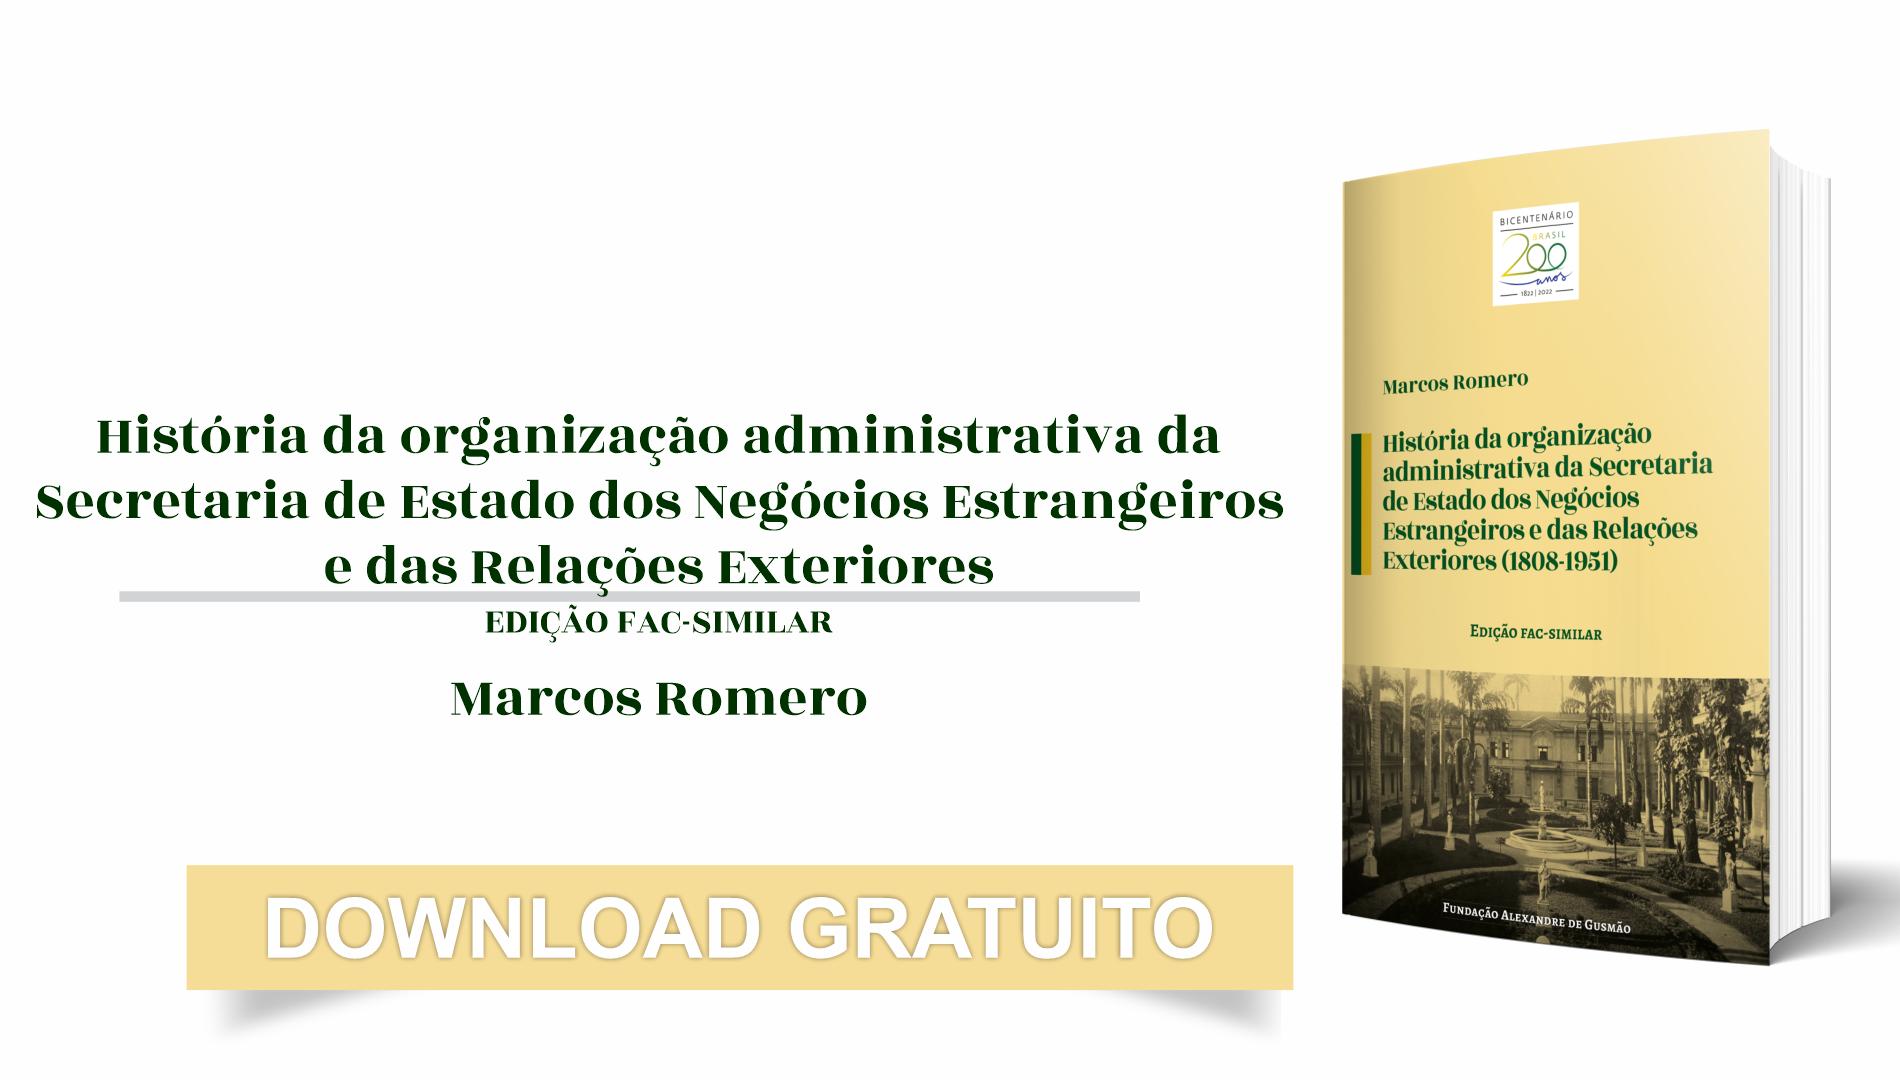 """Edição fac-similar do livro """"História da organização administrativa da Secretaria de Estado dos Negócios Estrangeiros e das Relações Exteriores (1808-1951)"""""""